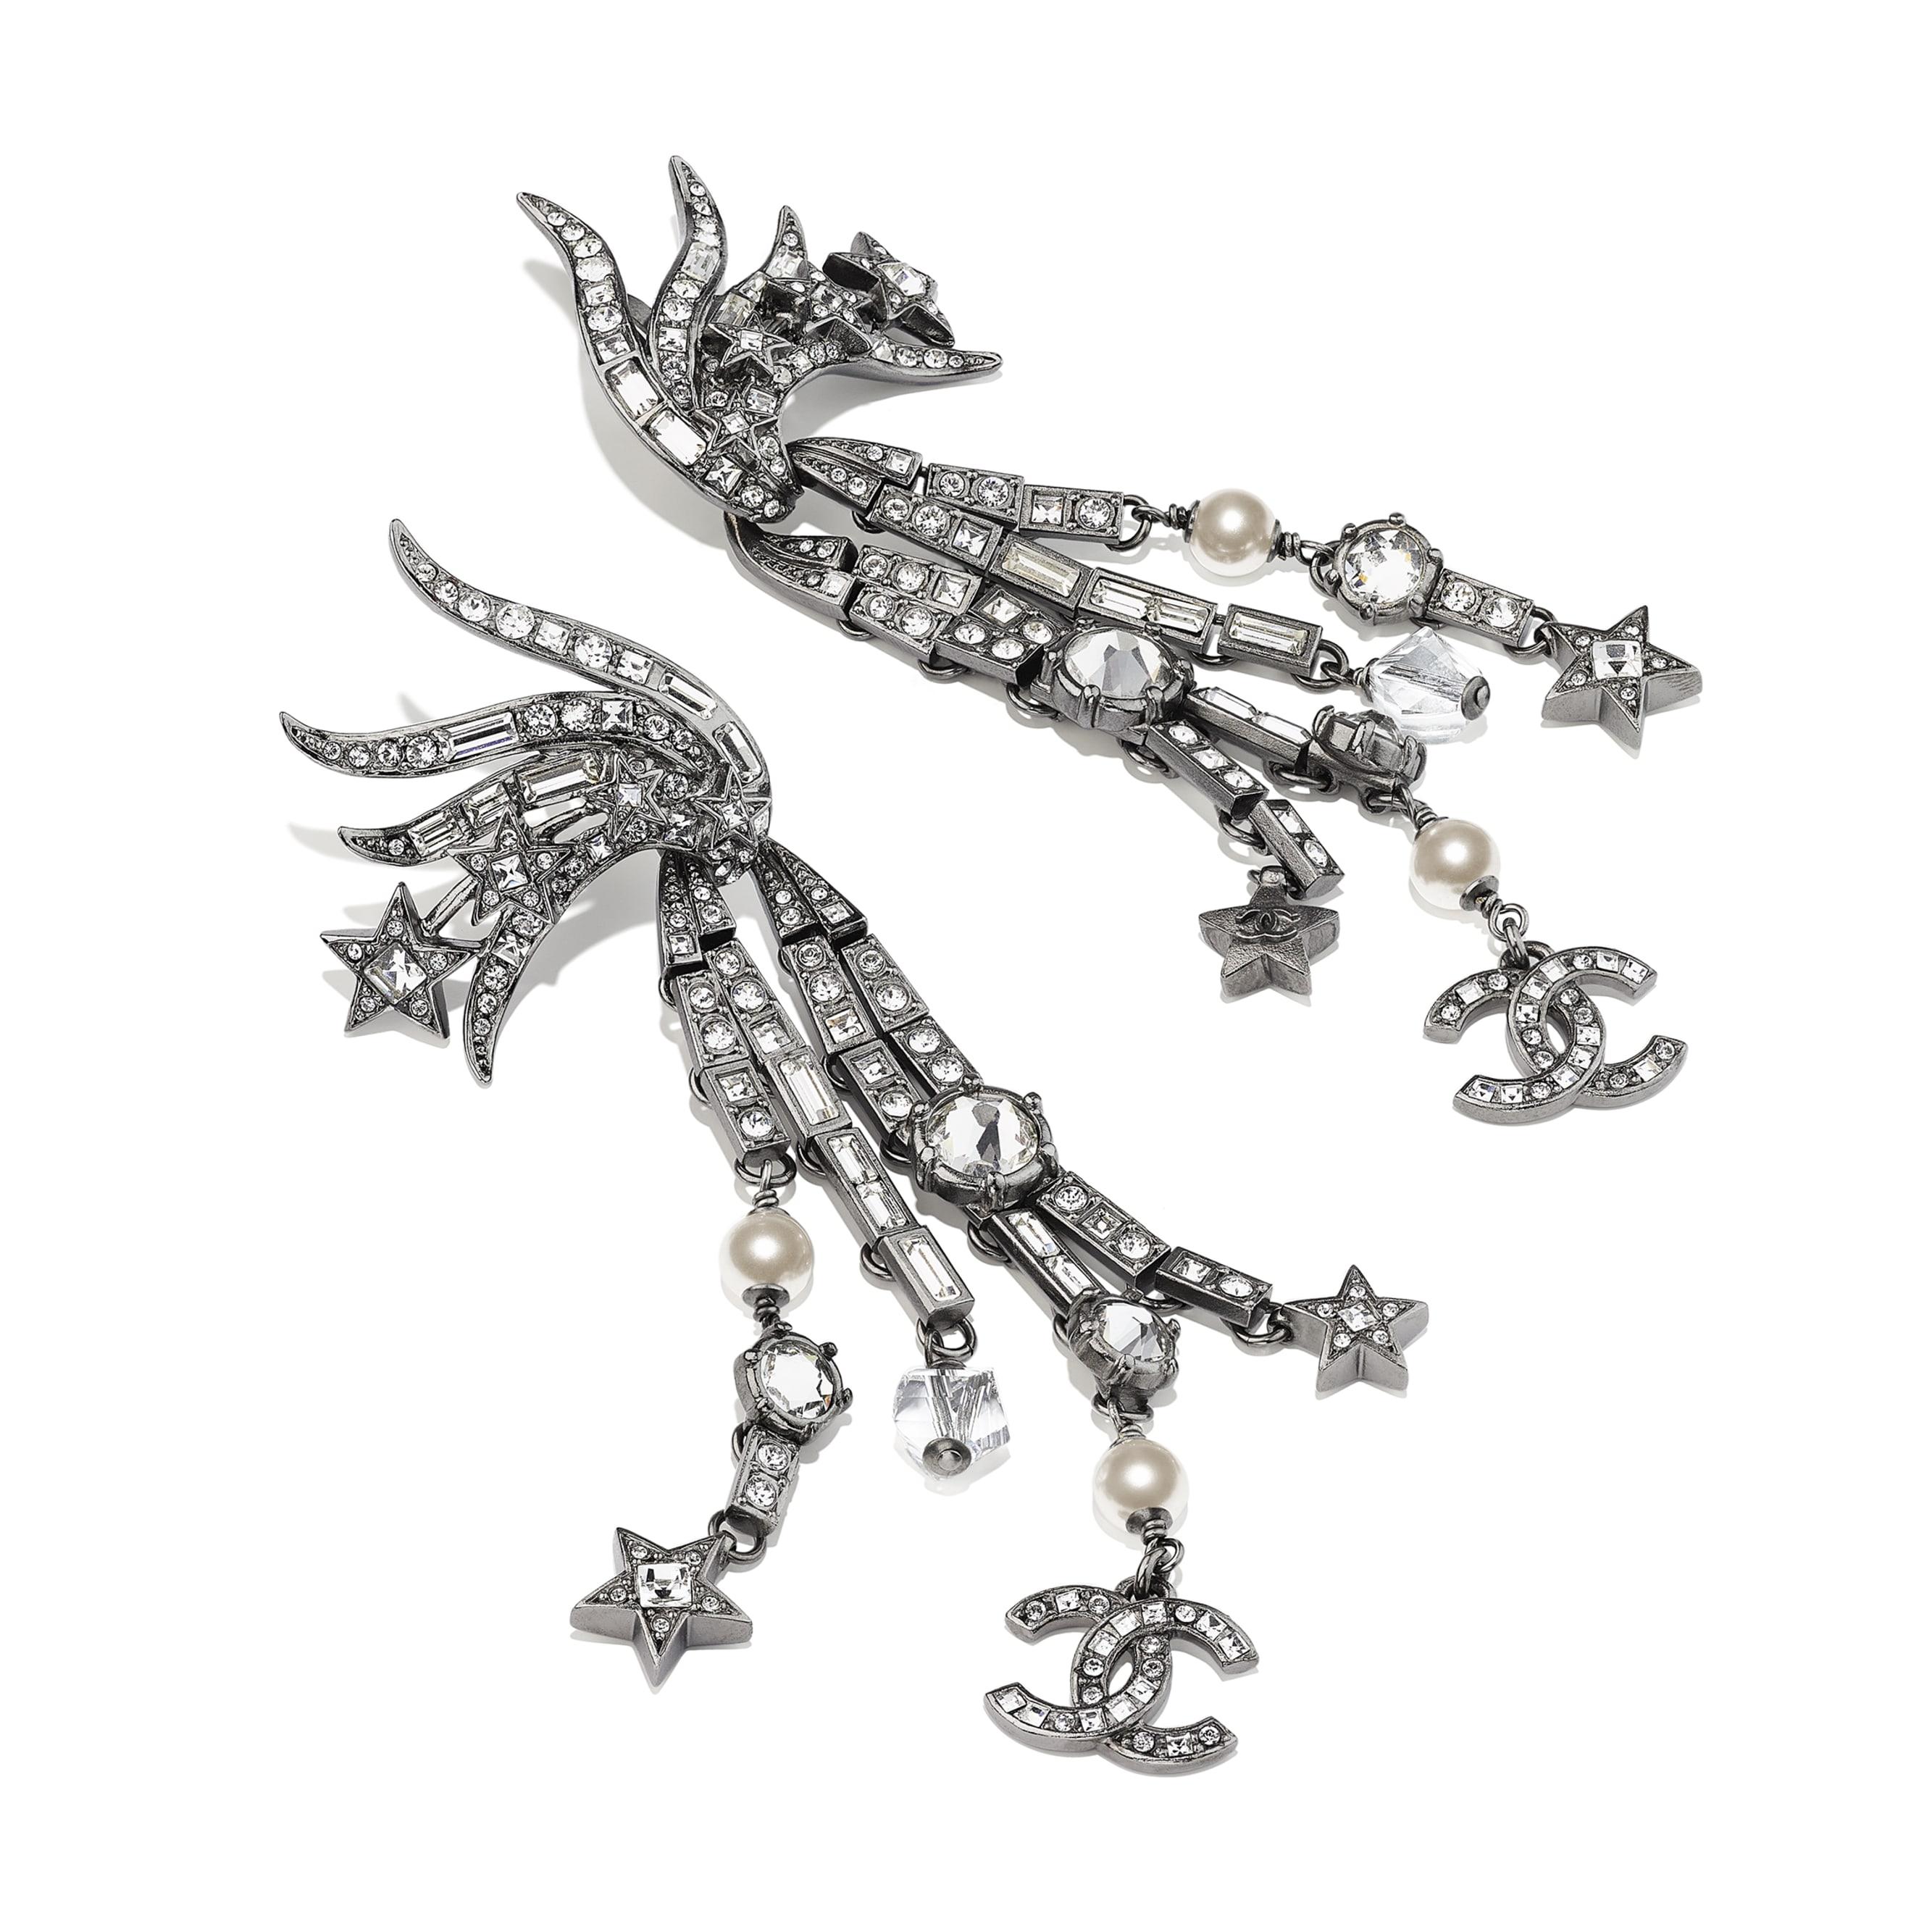 夾式耳環 - 釕、珍珠白 & 水晶 - 金屬、琉璃珠、琉璃與水鑽 - CHANEL - 替代視圖 - 查看標準尺寸版本